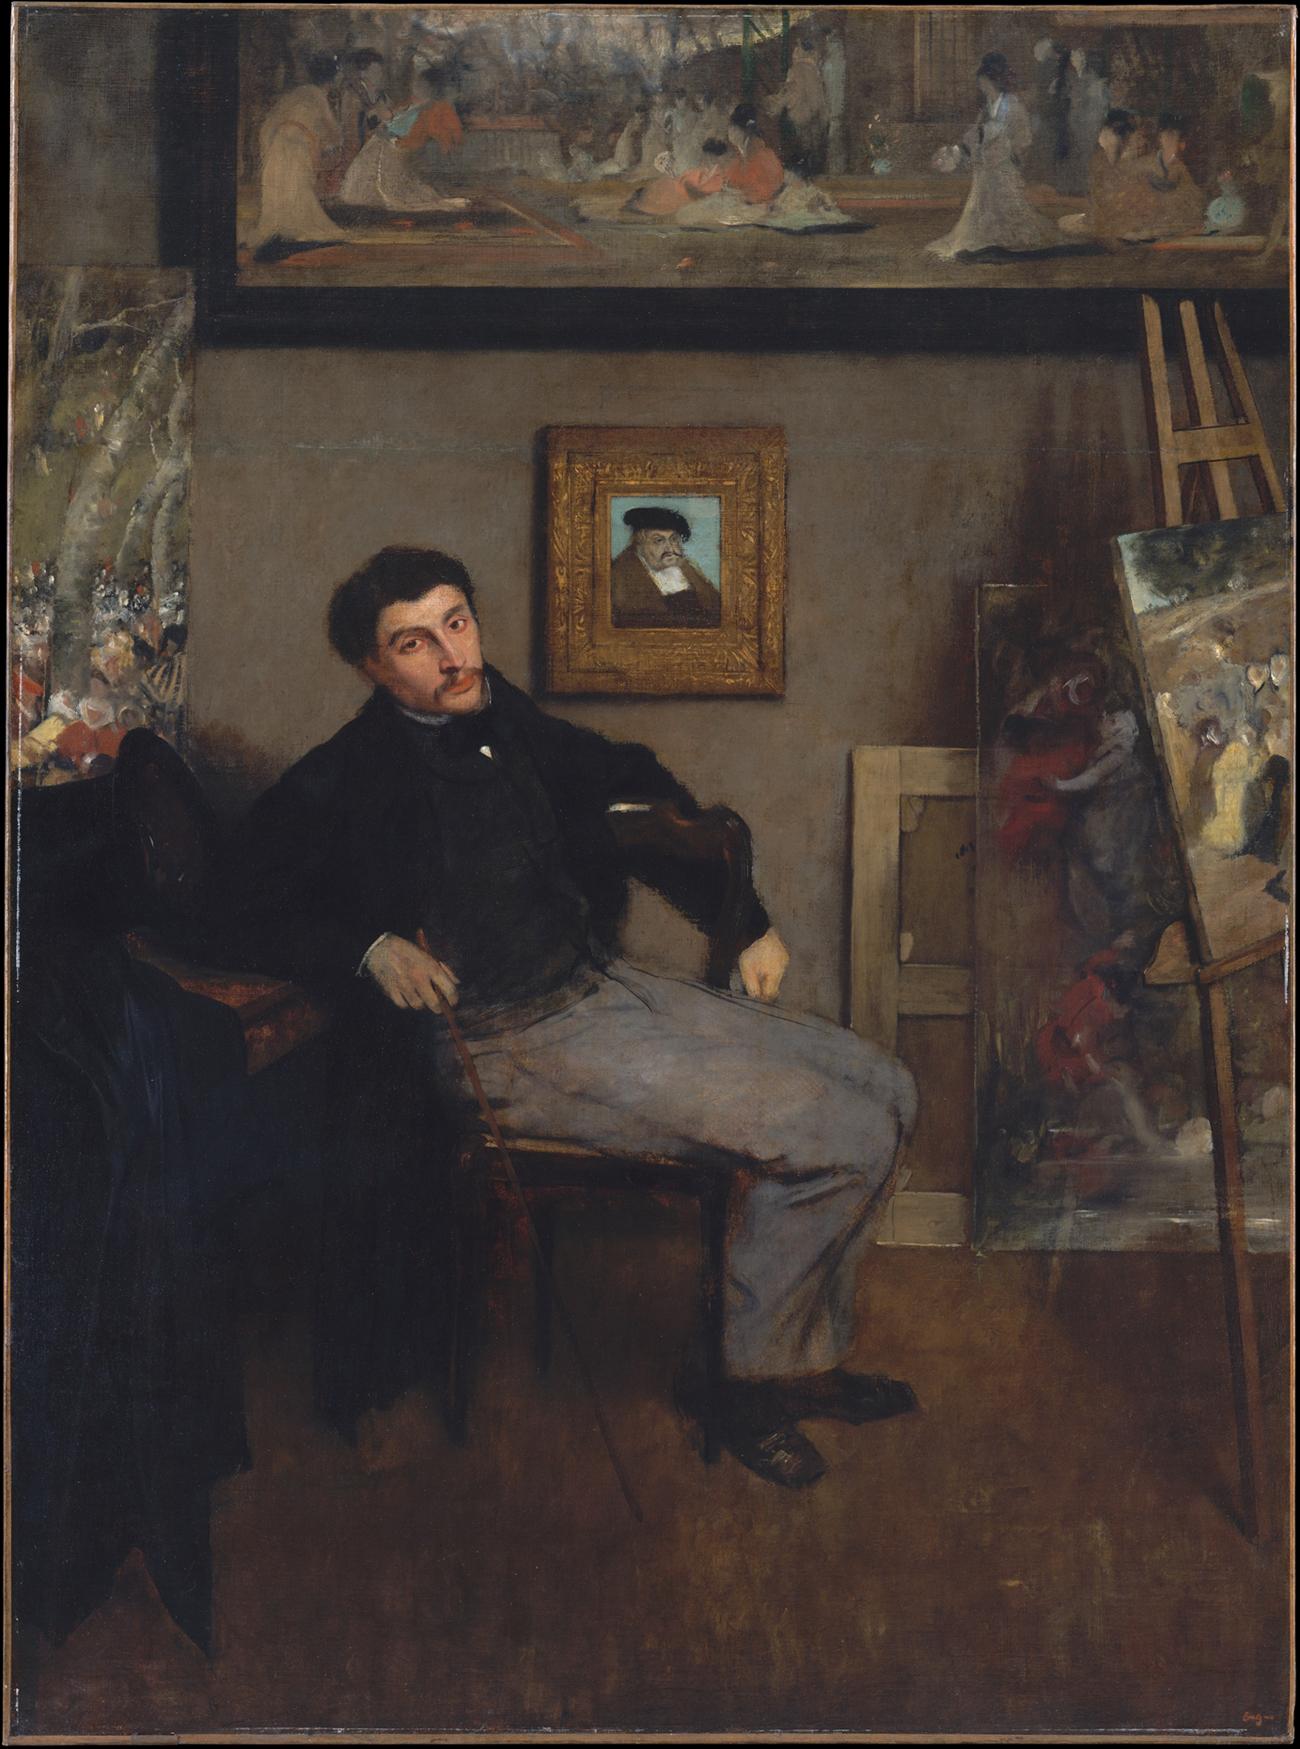 James-Jacques-Joseph Tissot / Degas